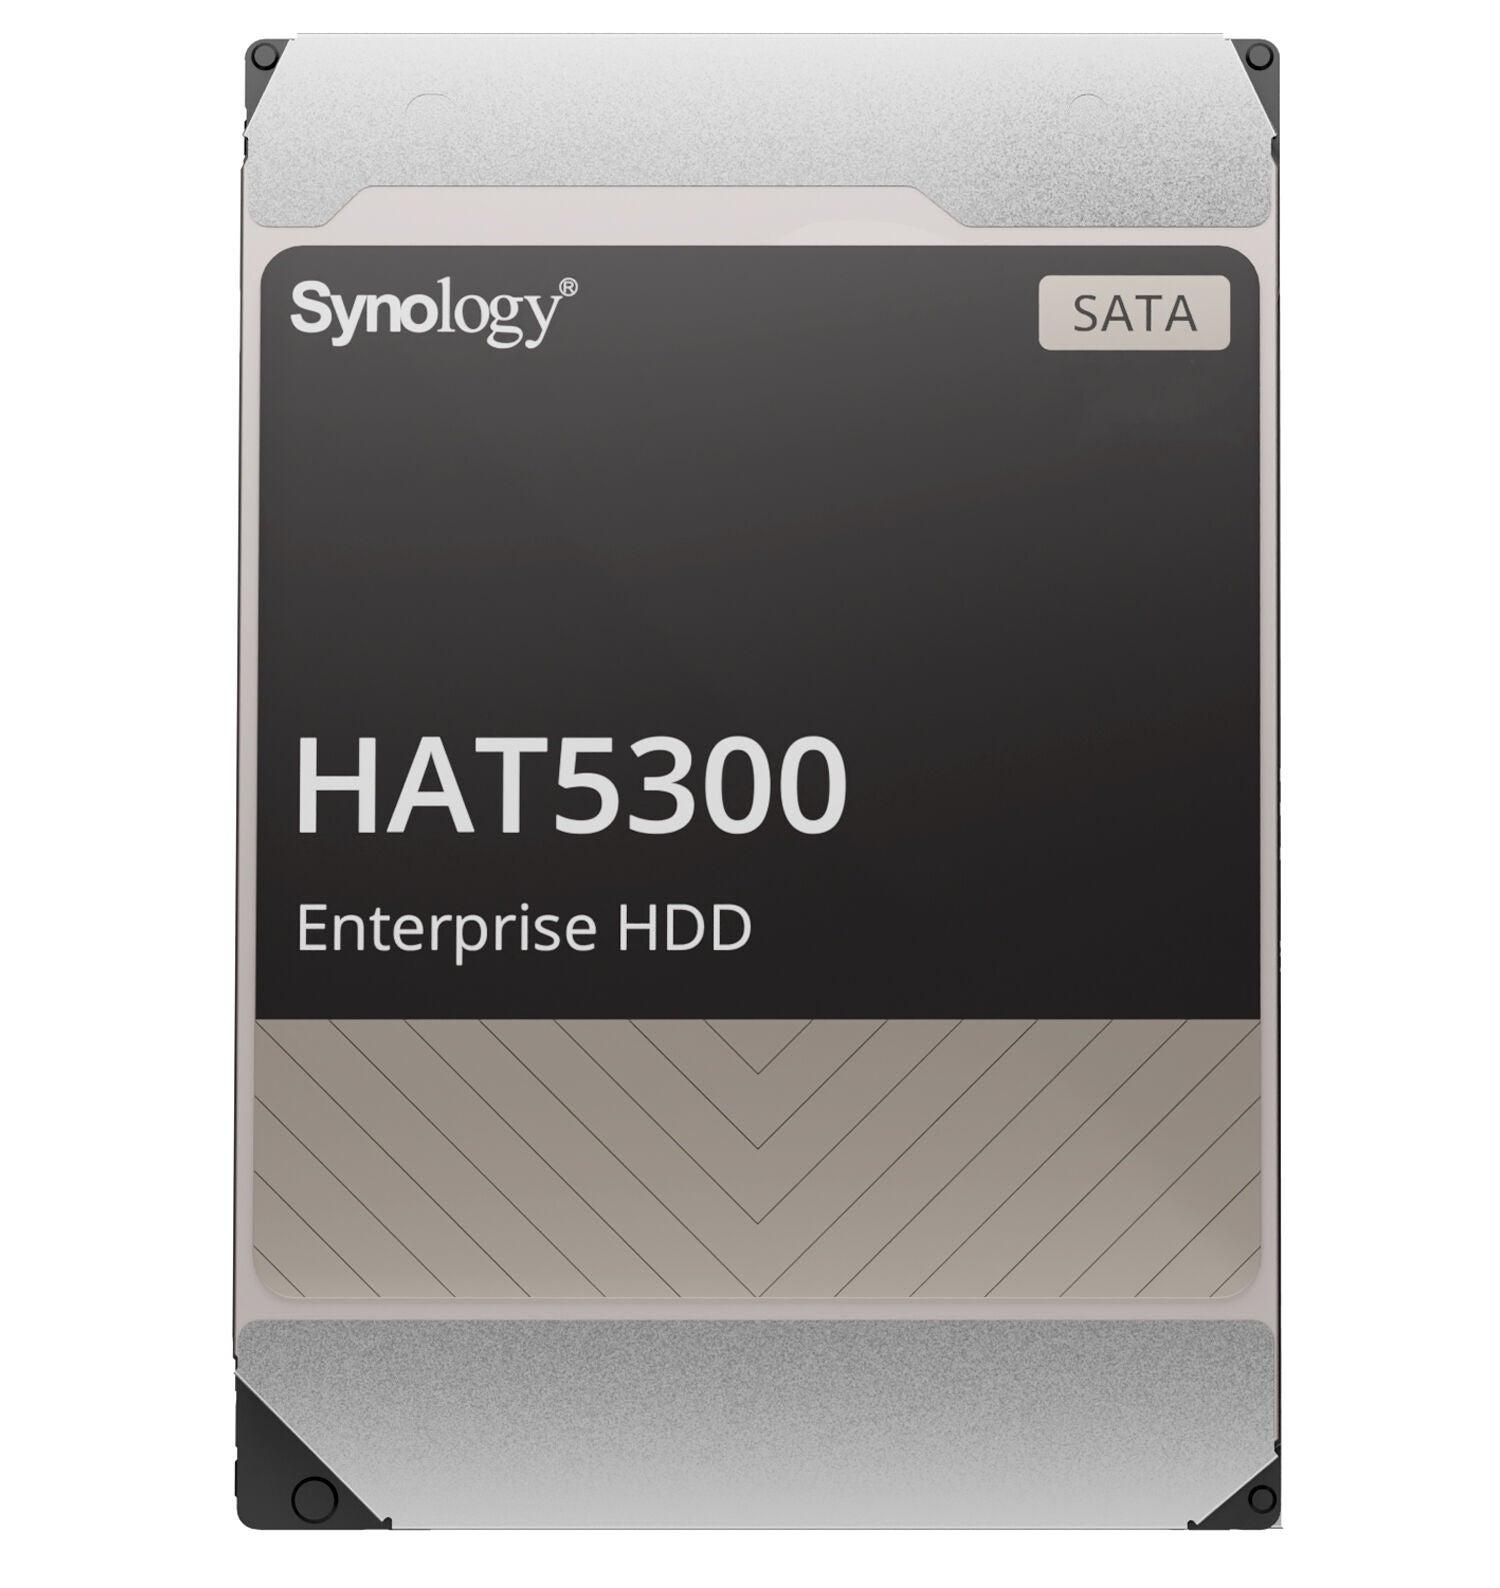 Synology HAT5300 SATA Hard Drive